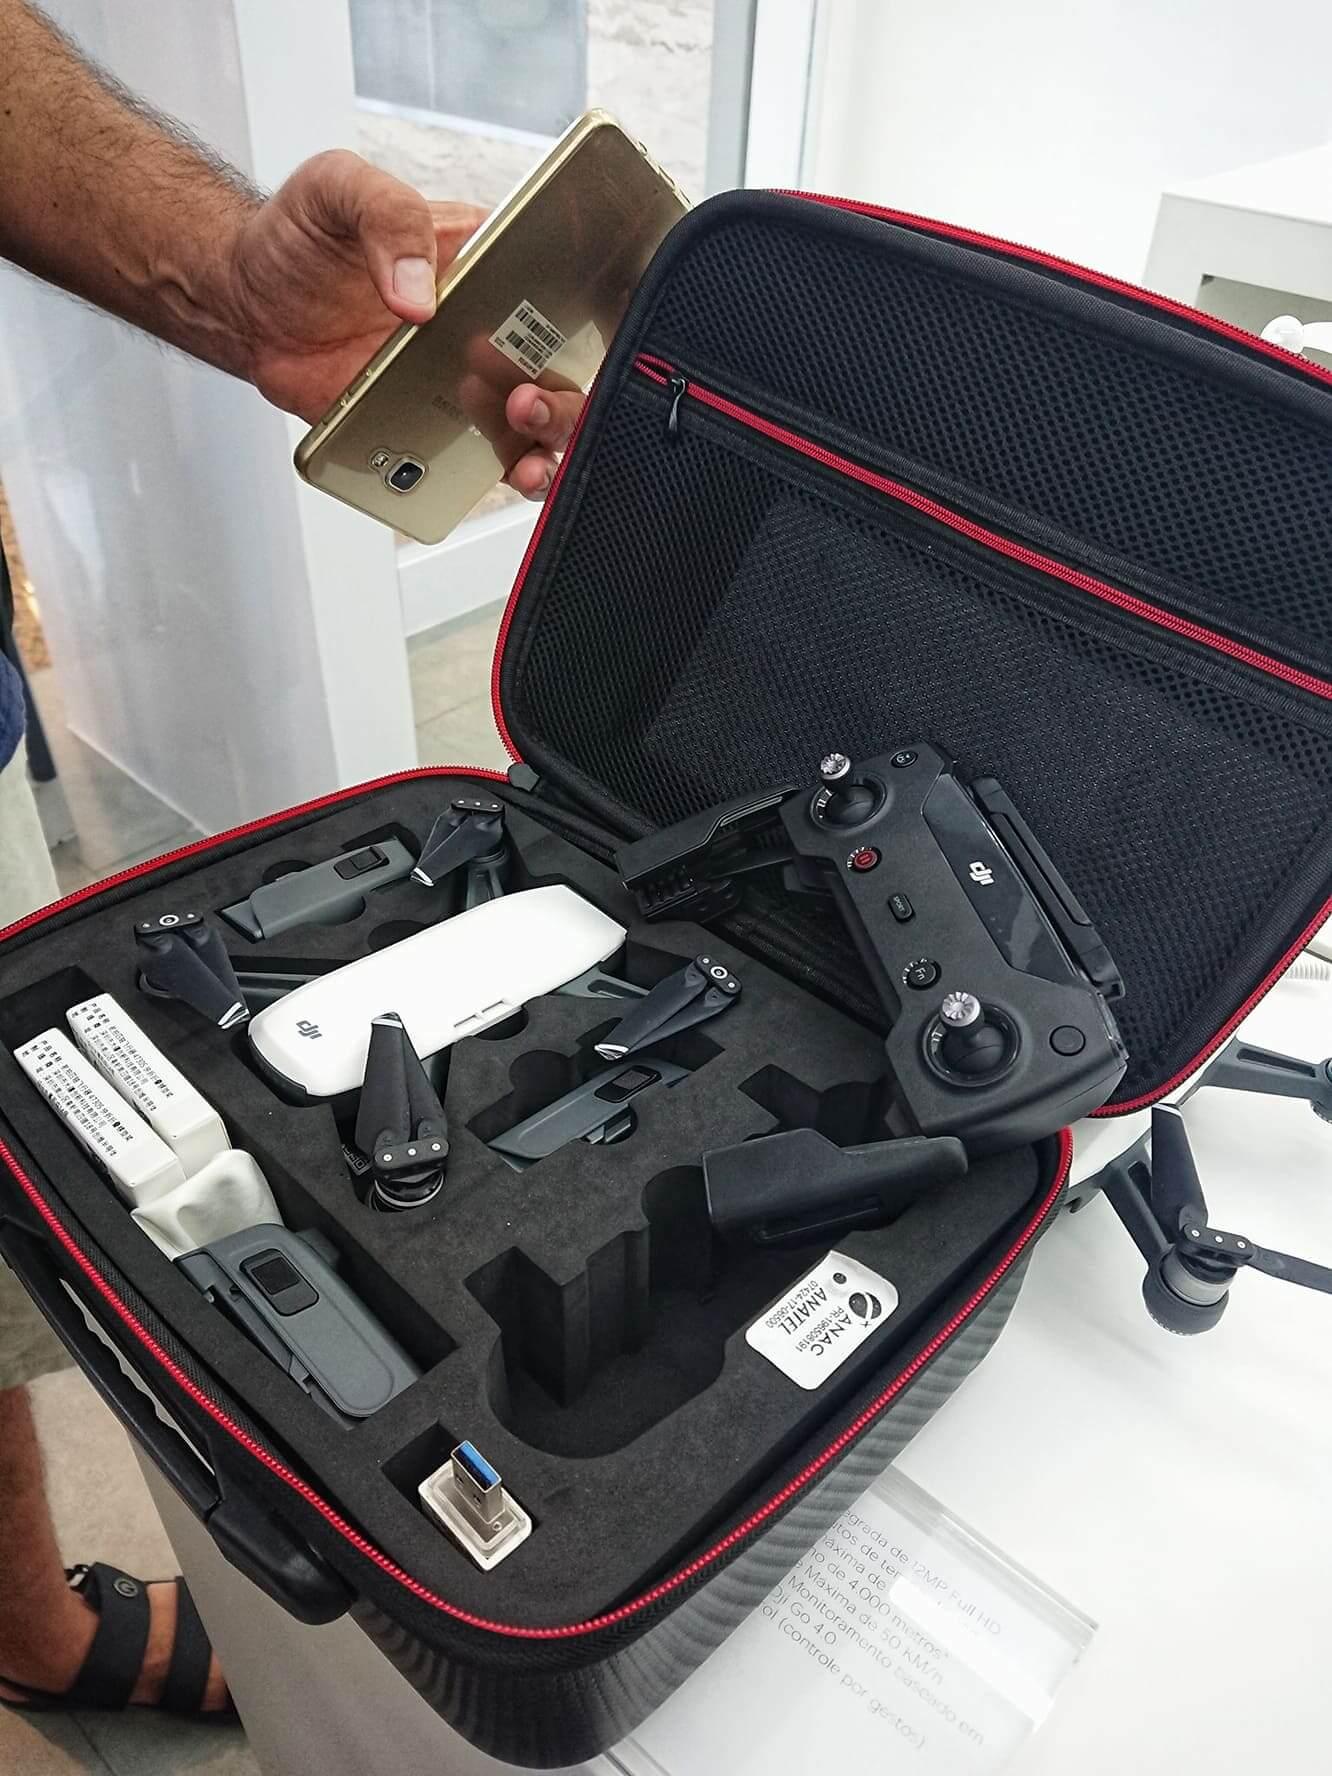 27141078 10157470630478312 1408371398 o - DJI lança primeira loja no Brasil com sorteio de drones